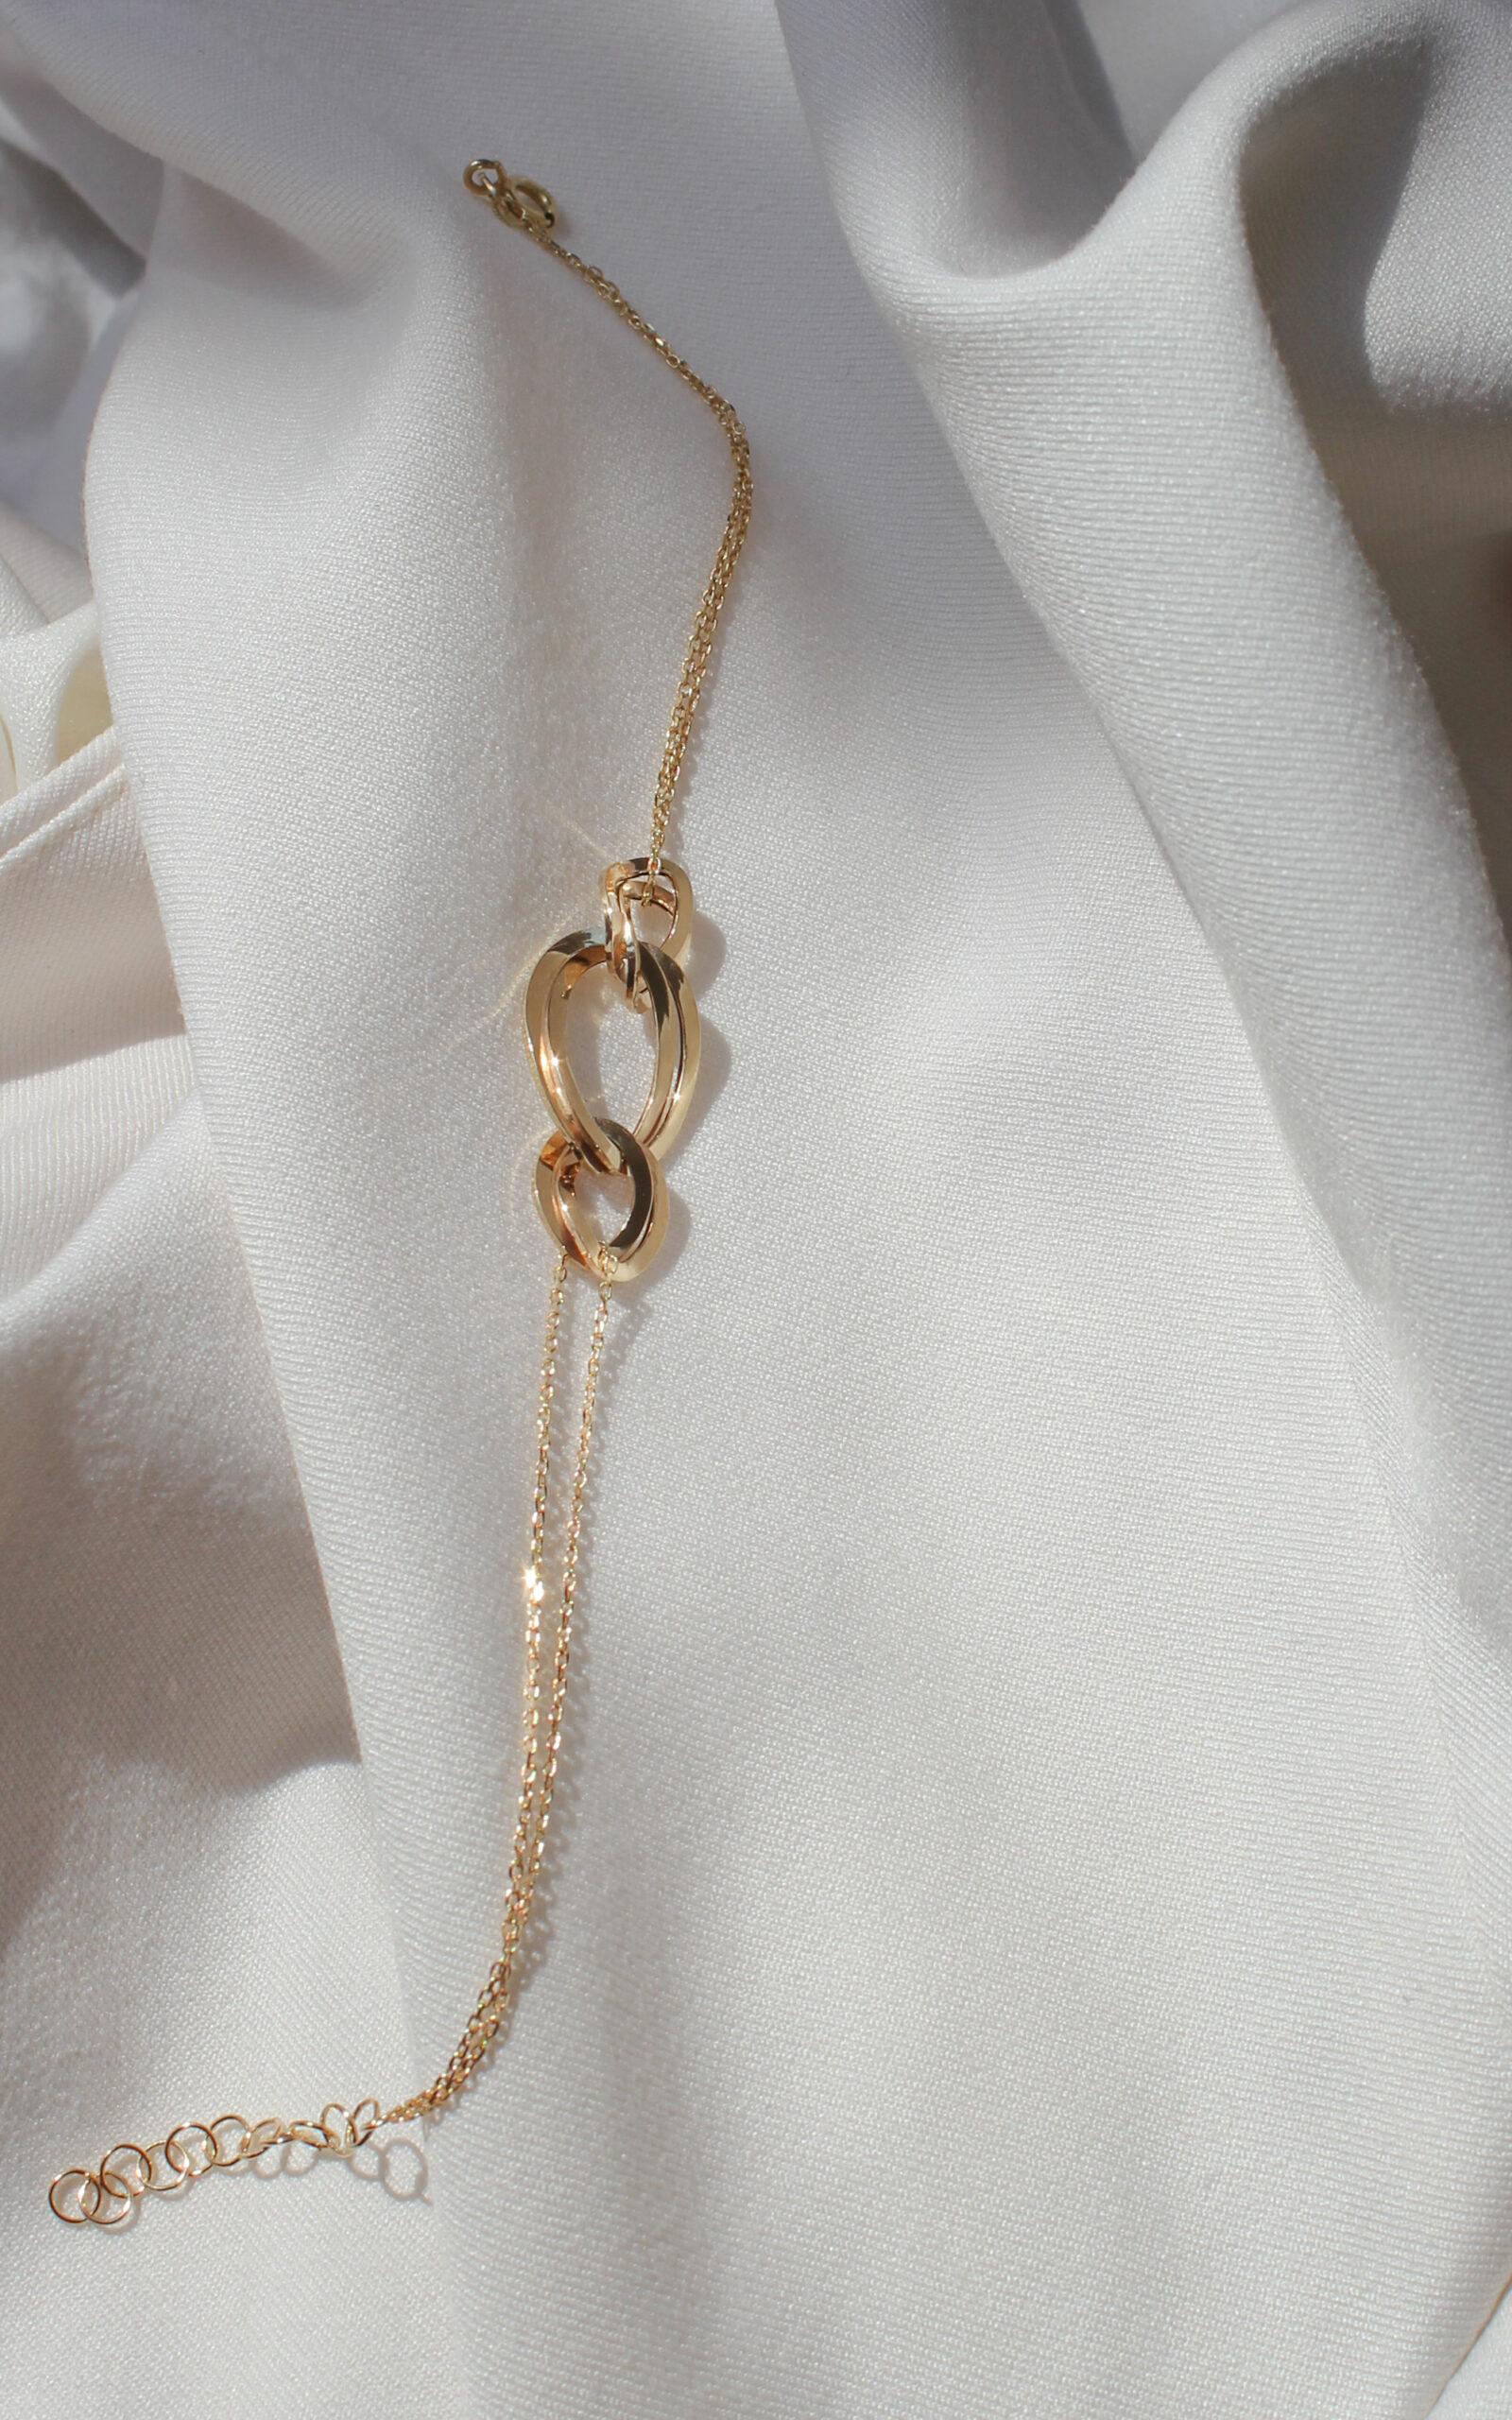 Złota bransoletka łańcuch na jasnym materiale.